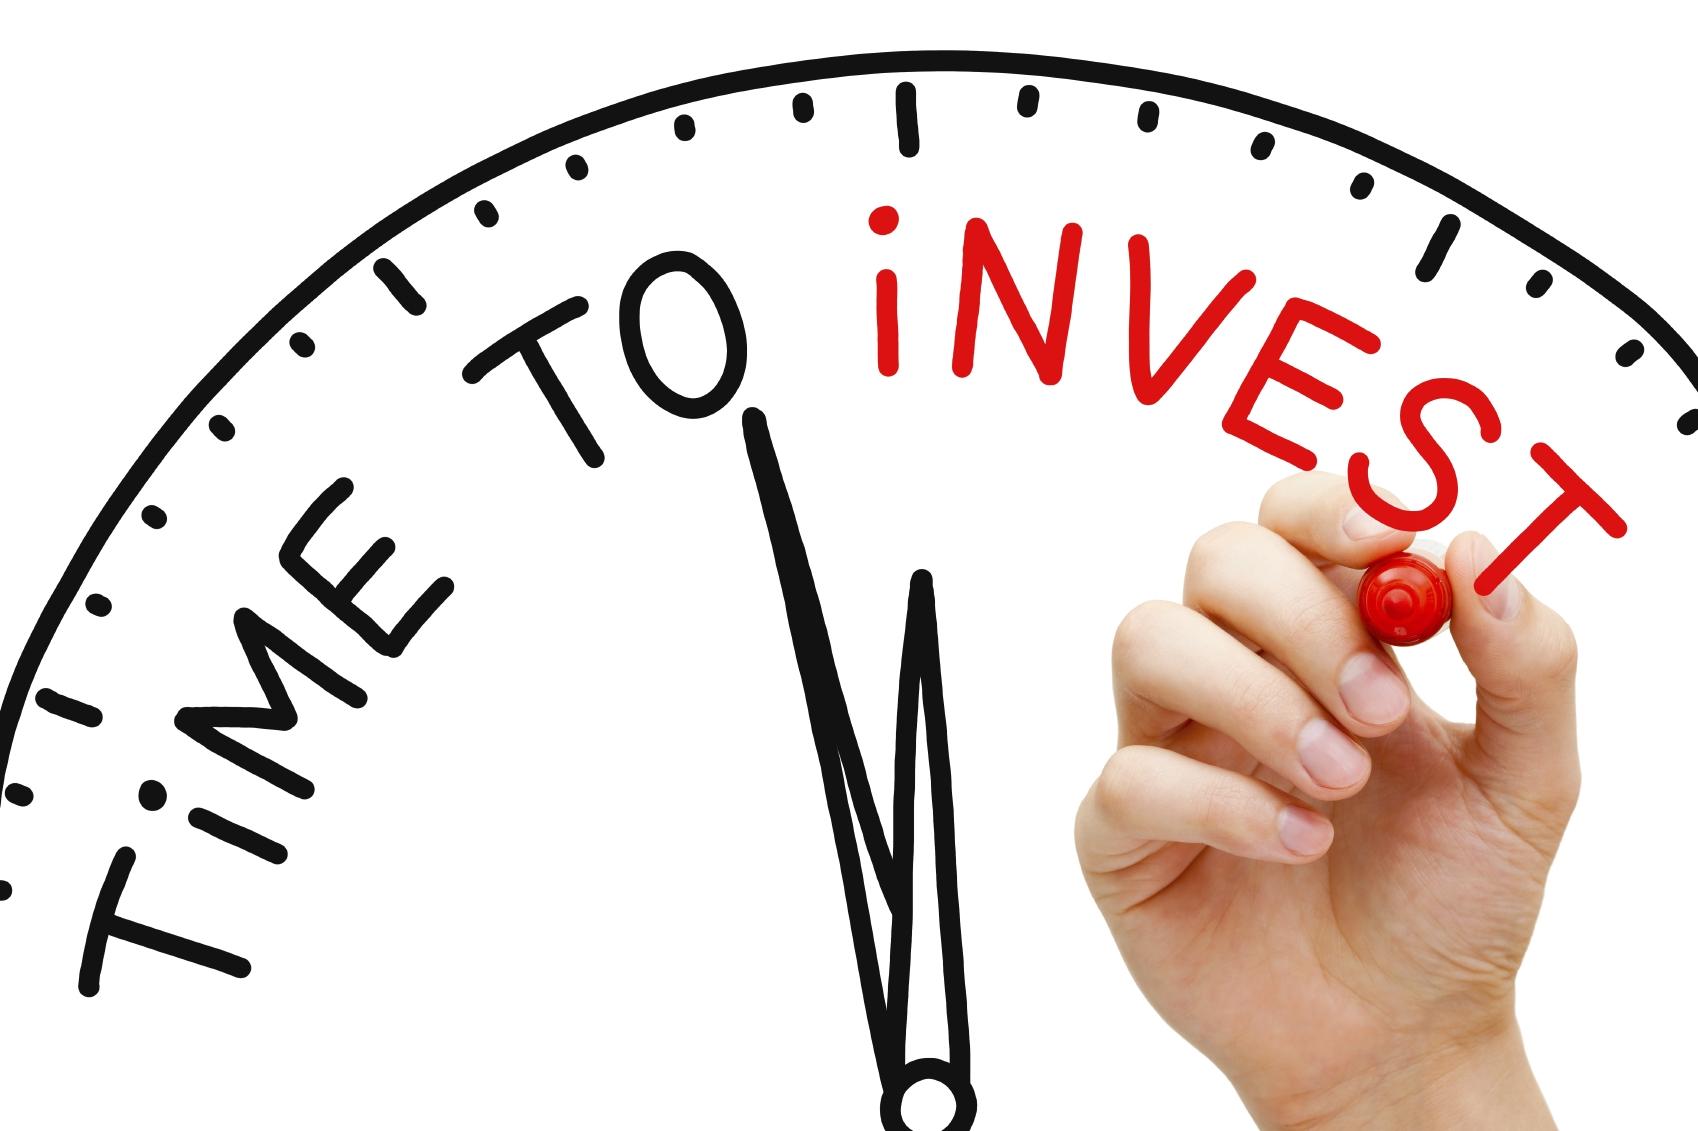 每笔投资都应该回答的五个问题